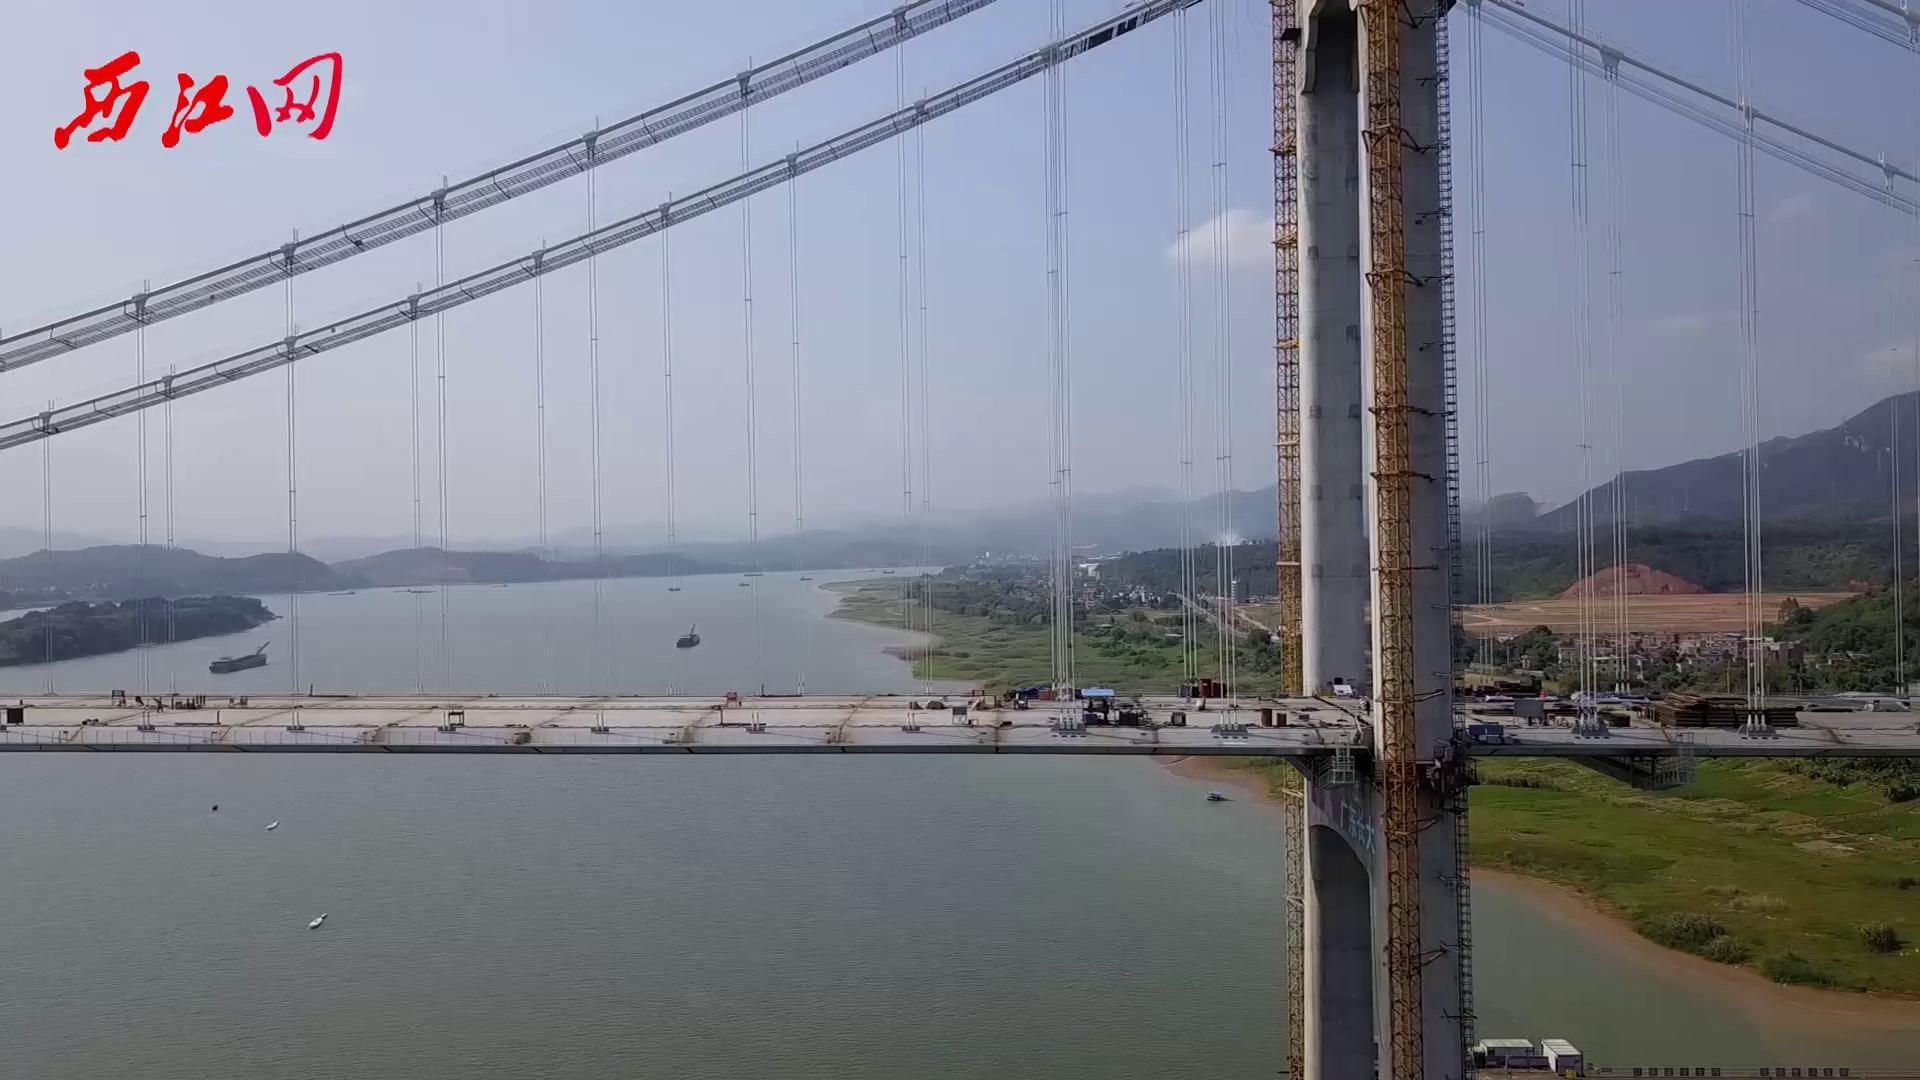 震撼航拍!西江流域广东境内最大跨径悬索桥——清云高速公路西江特大桥全桥贯通!